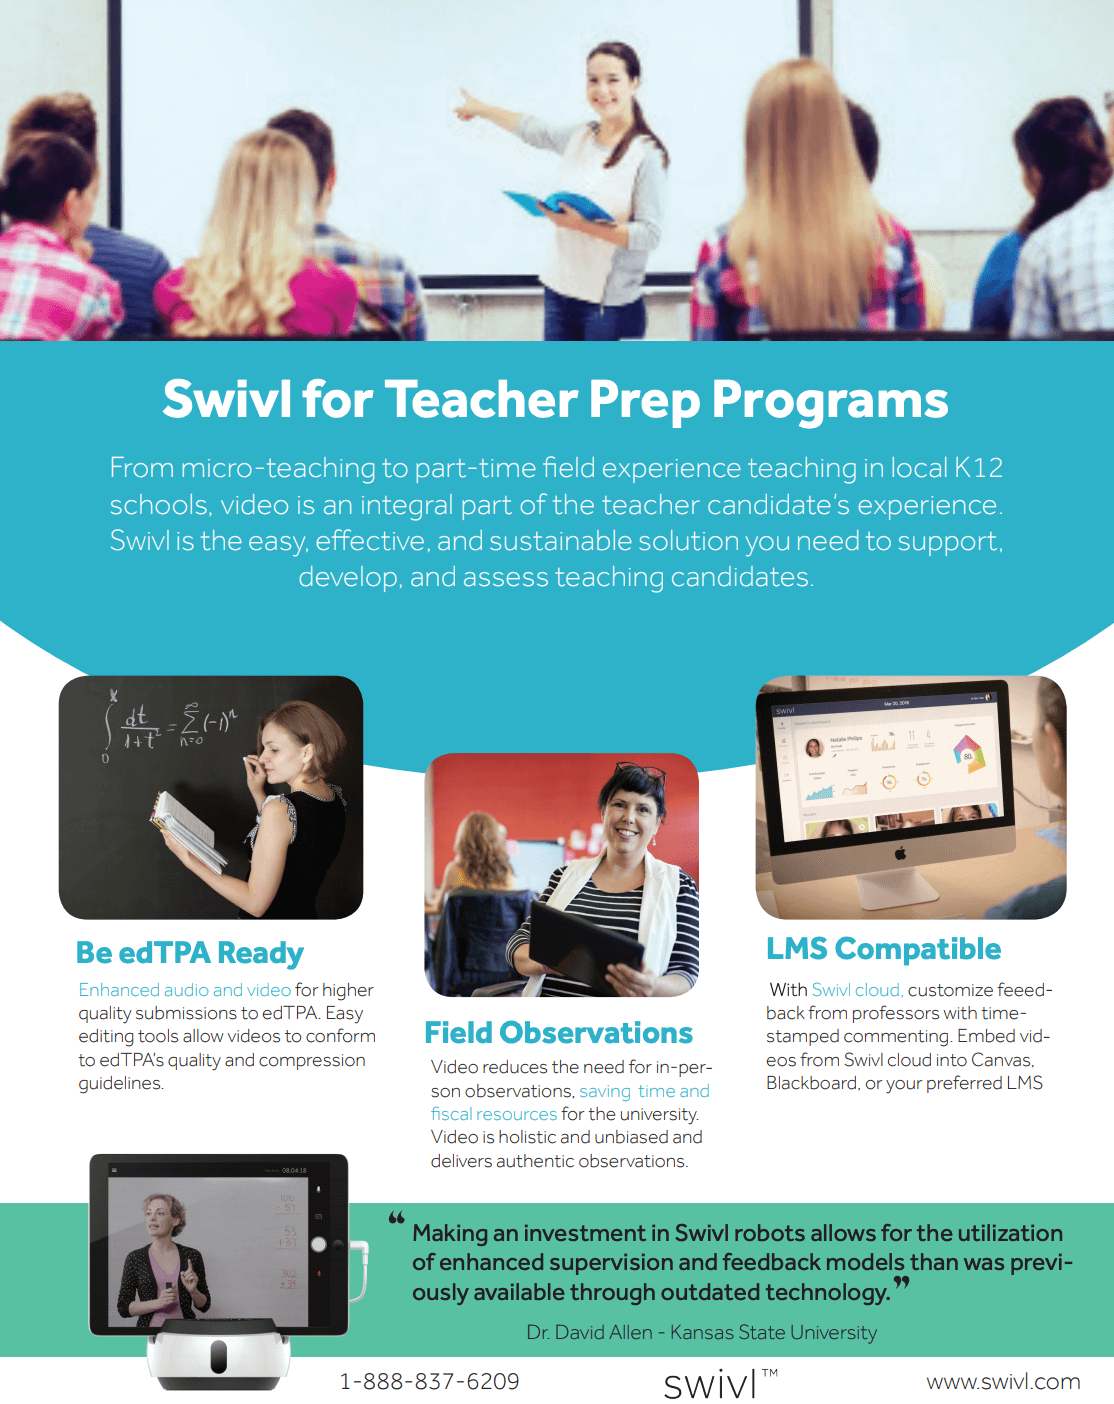 teacherprep-swivl